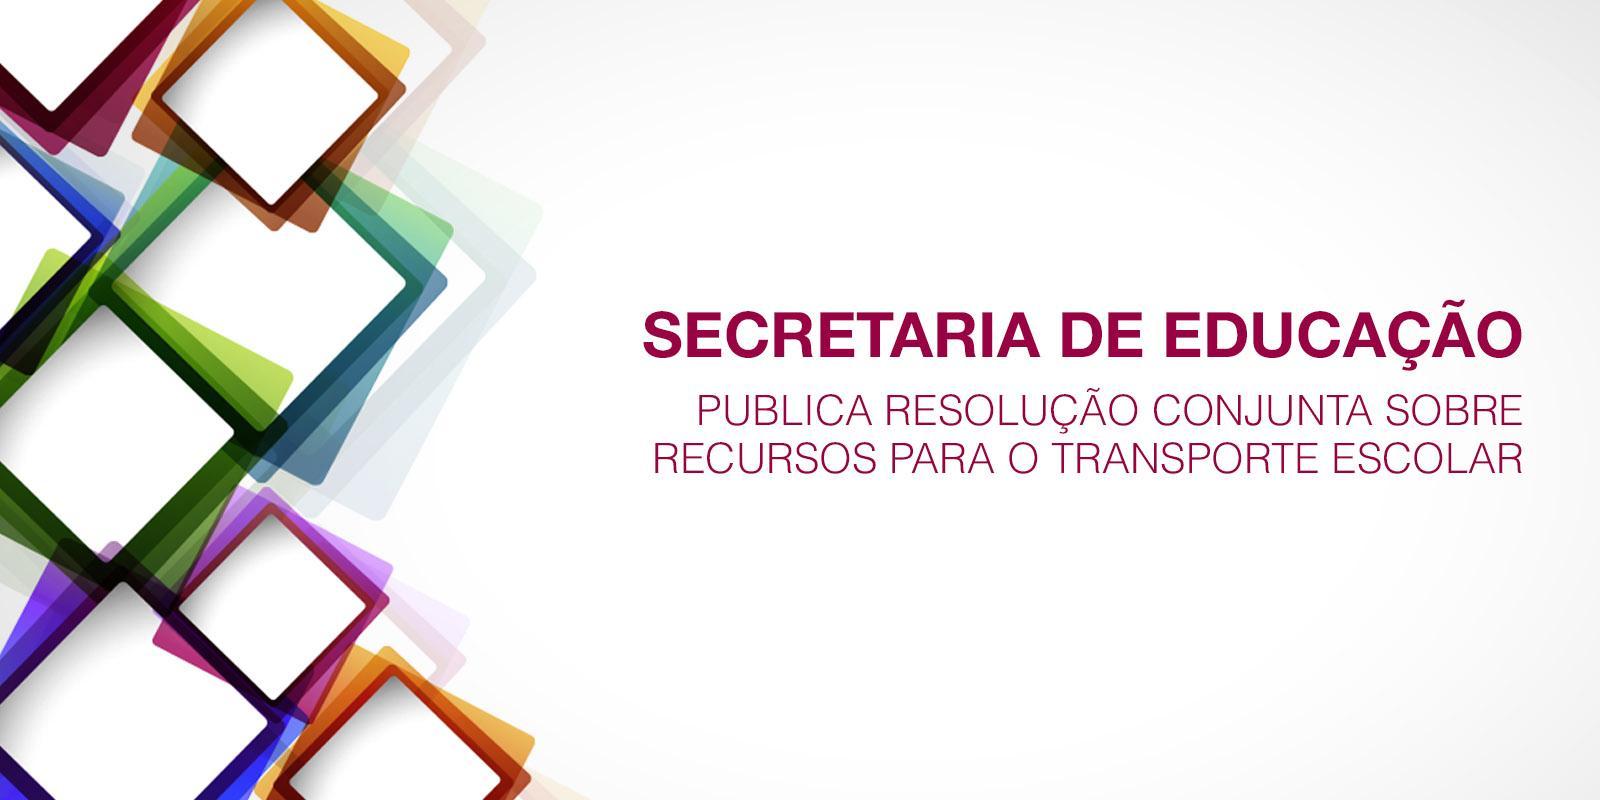 Comunicado - AMM: Secretaria de Educação publica resolução conjunta sobre recursos para o Transporte Escolar